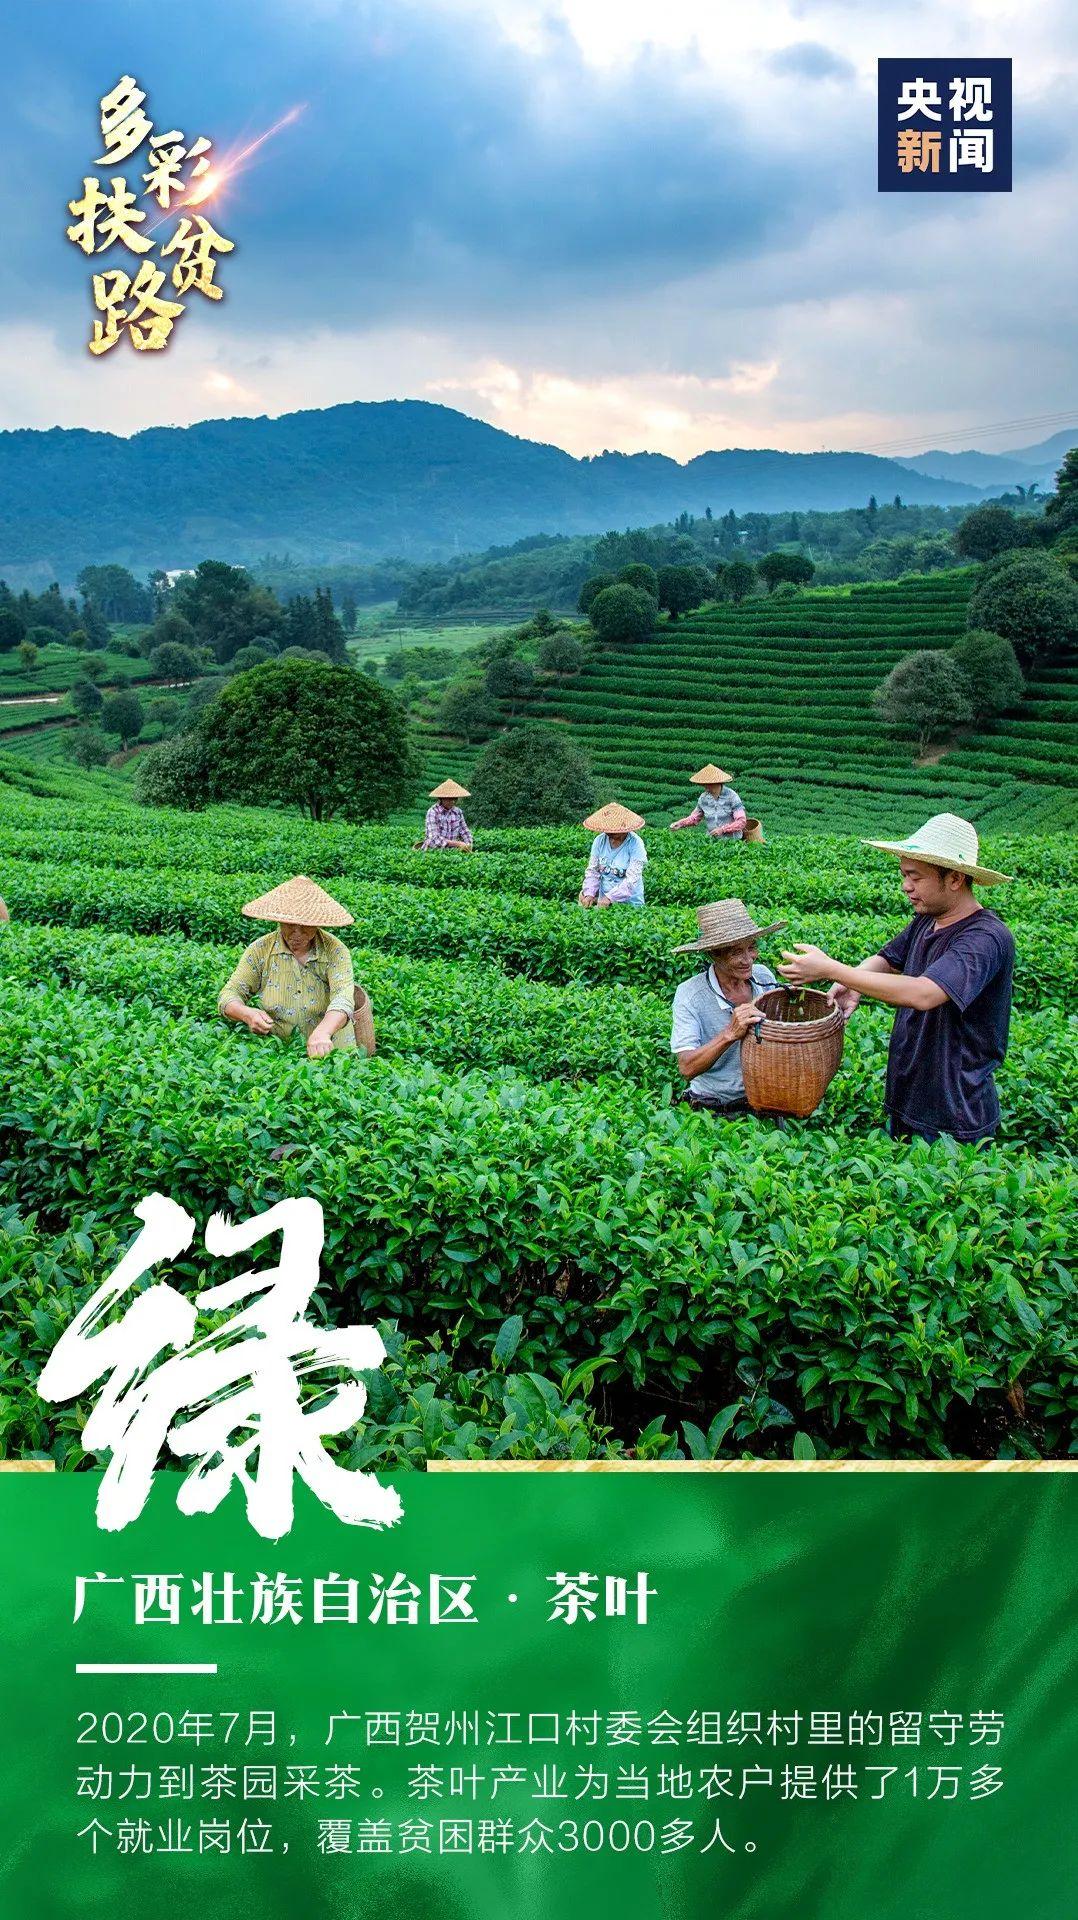 赞!贺州绿为中国扶贫添彩图片